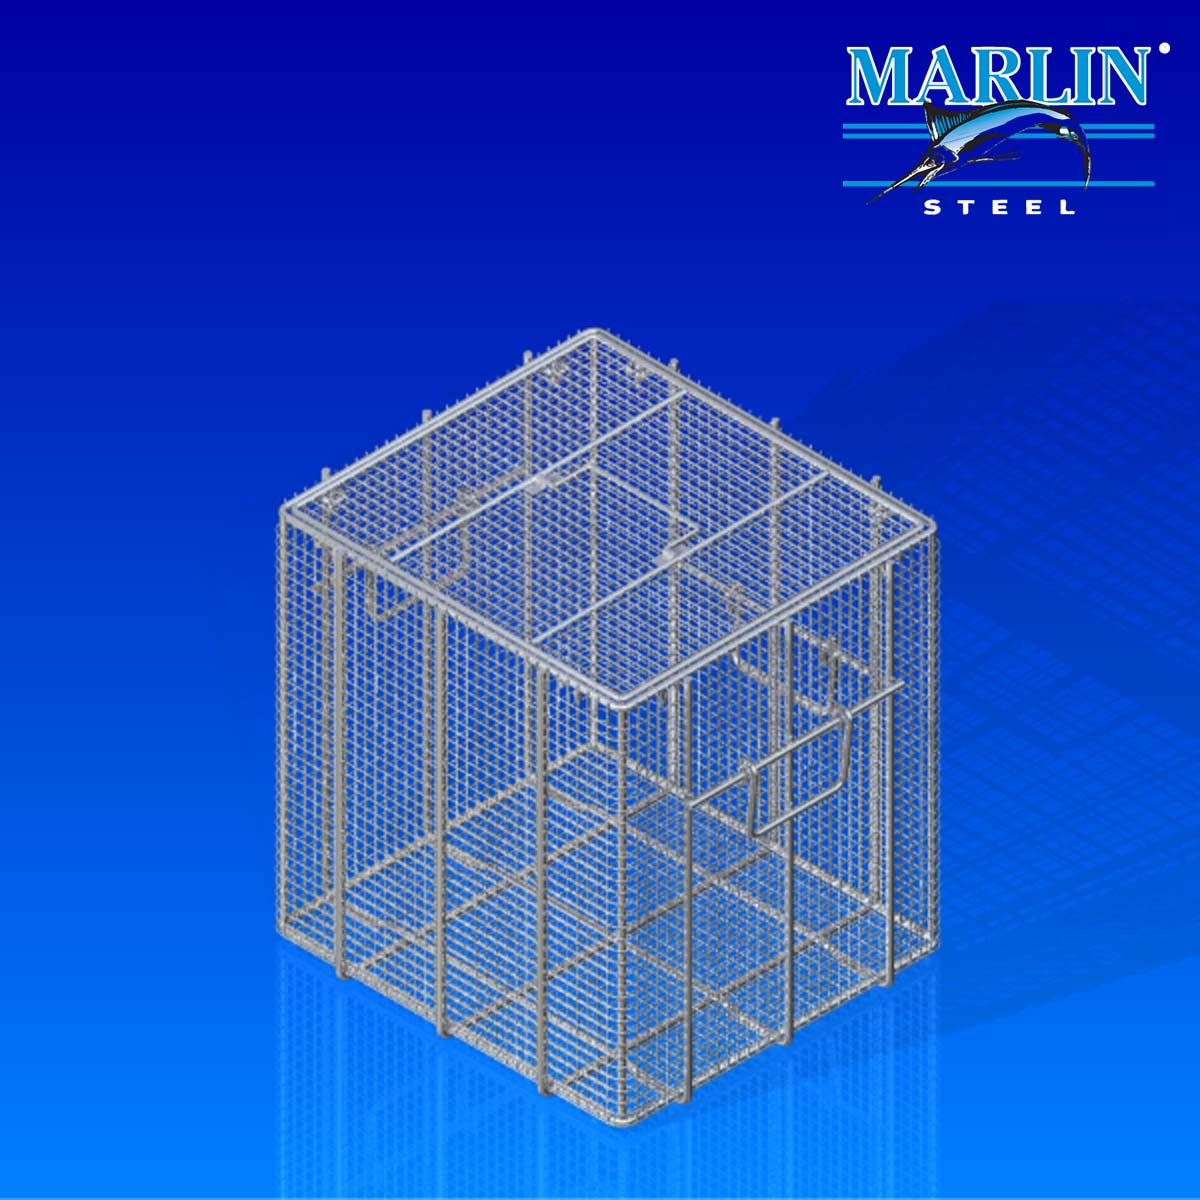 Marlin Steel wire baskets with lids 751001.jpg